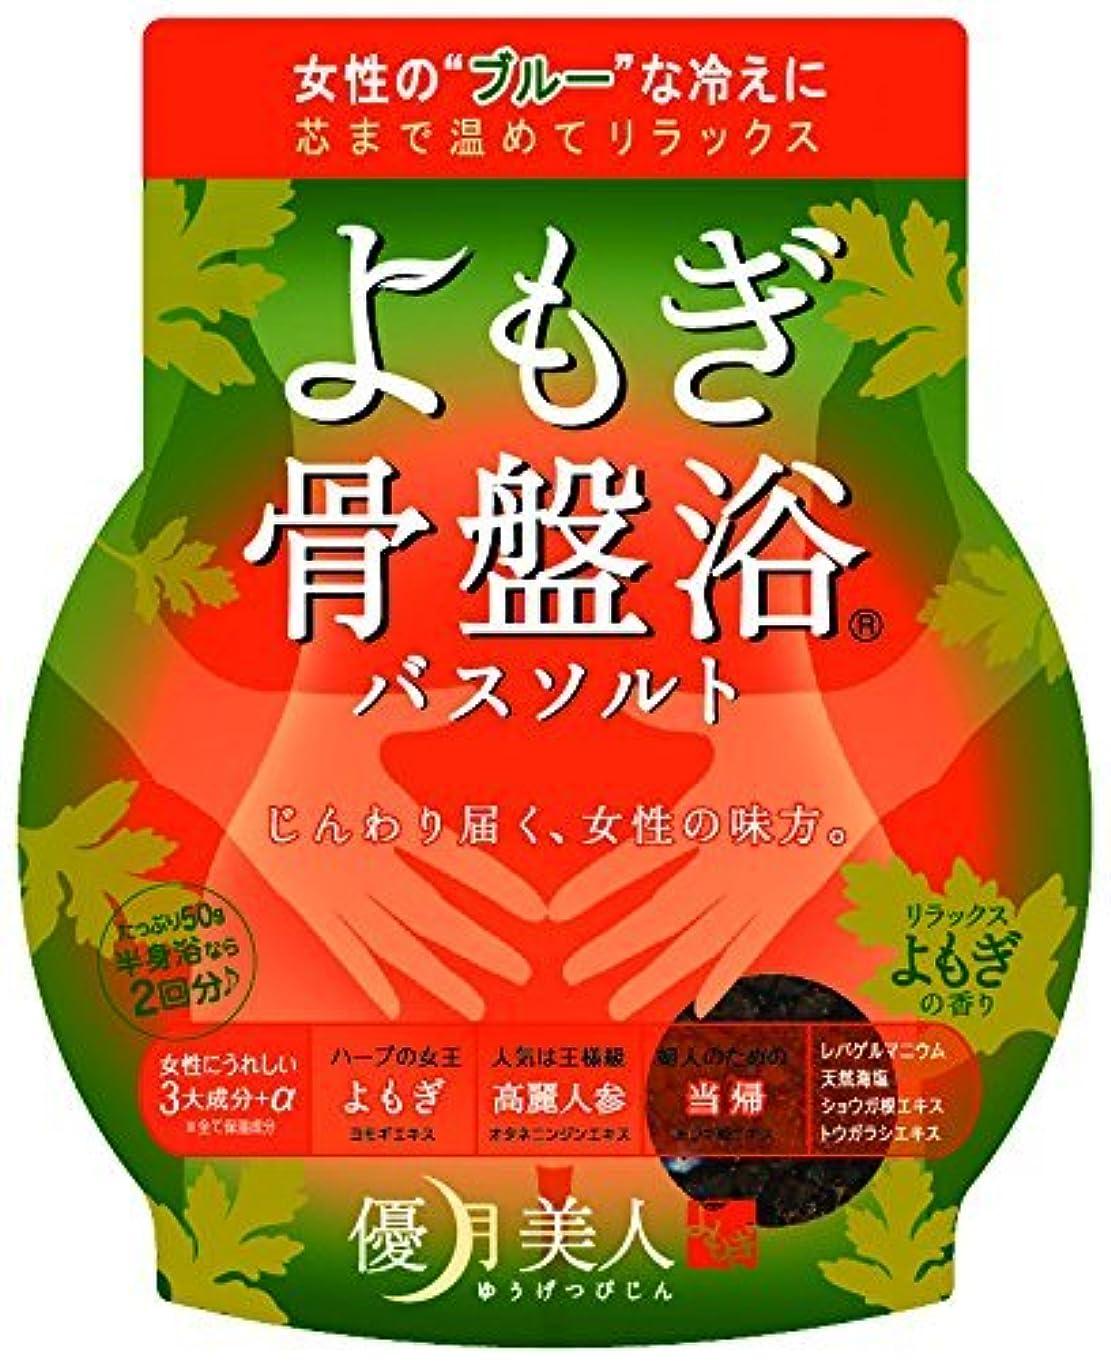 防止クリエイティブアクセス【まとめ買い】優月美人 バスソルト よもぎの香り 50g ×12個